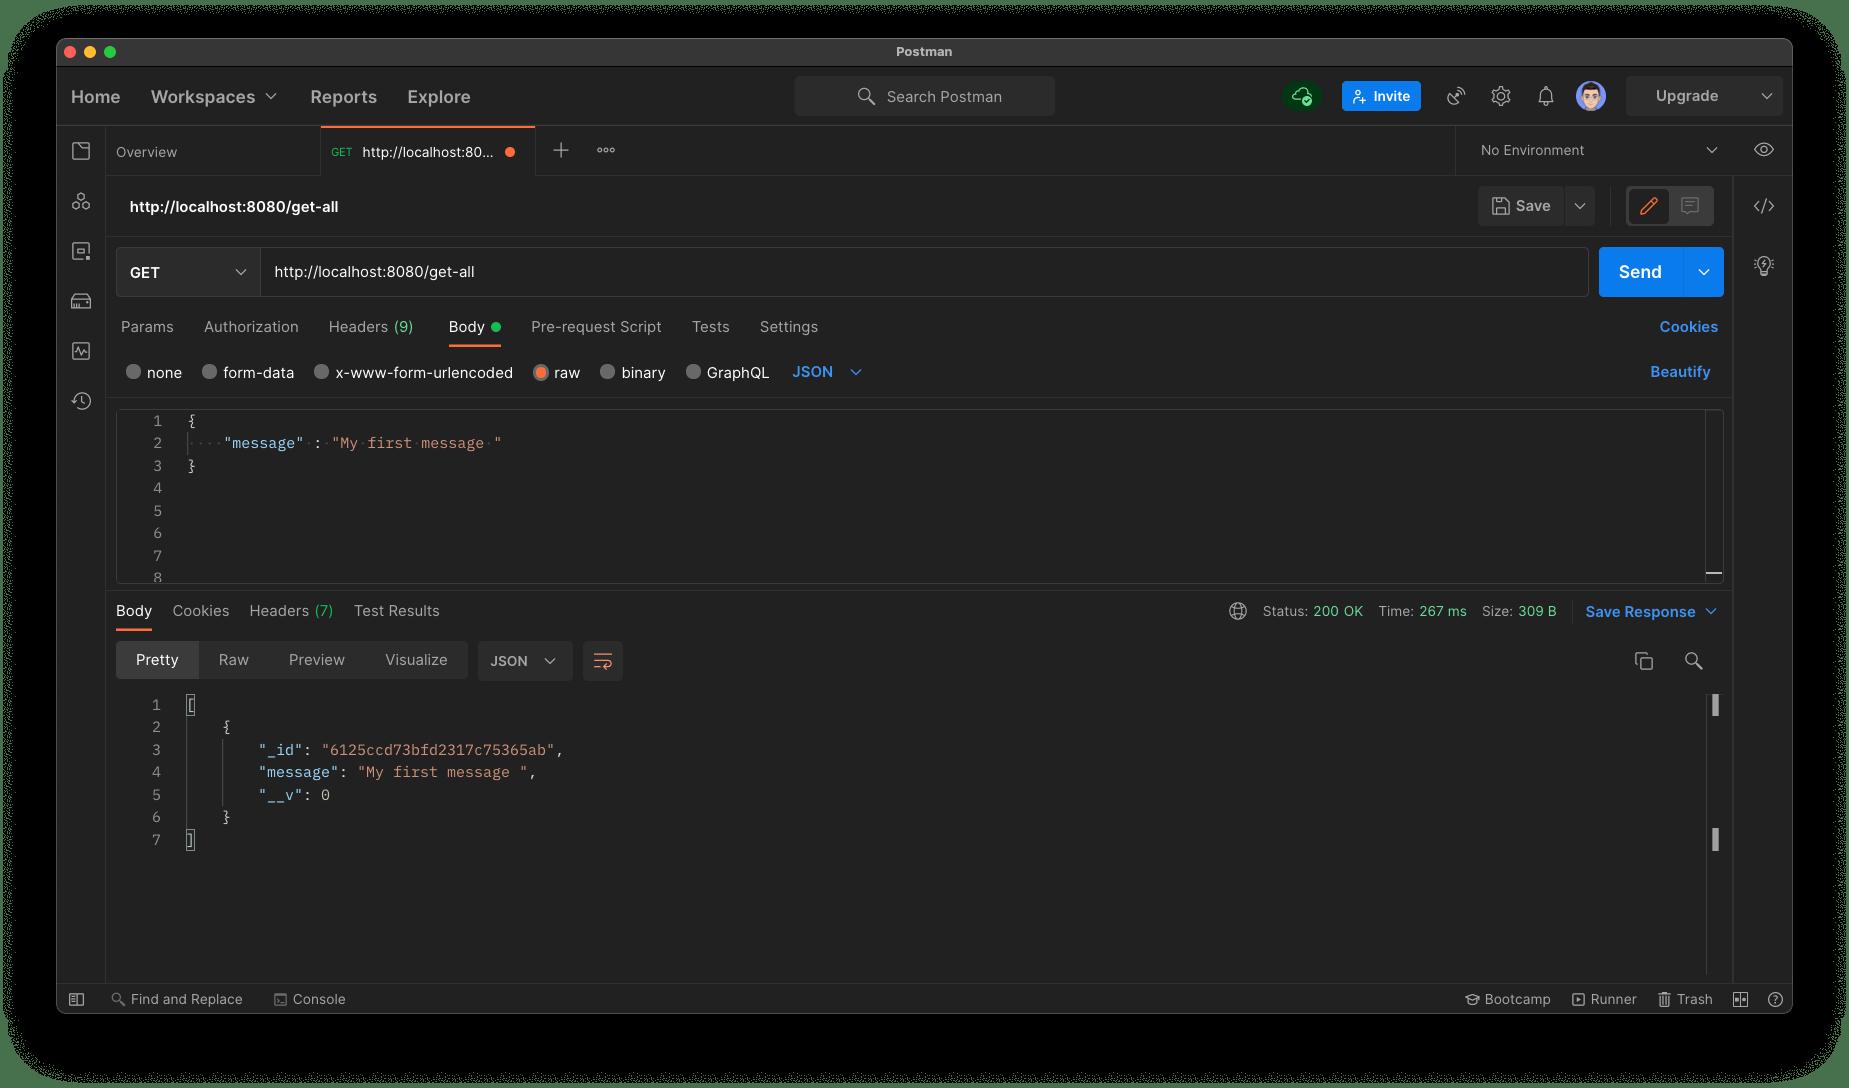 Screenshot 2021-08-25 at 05.58.11.png